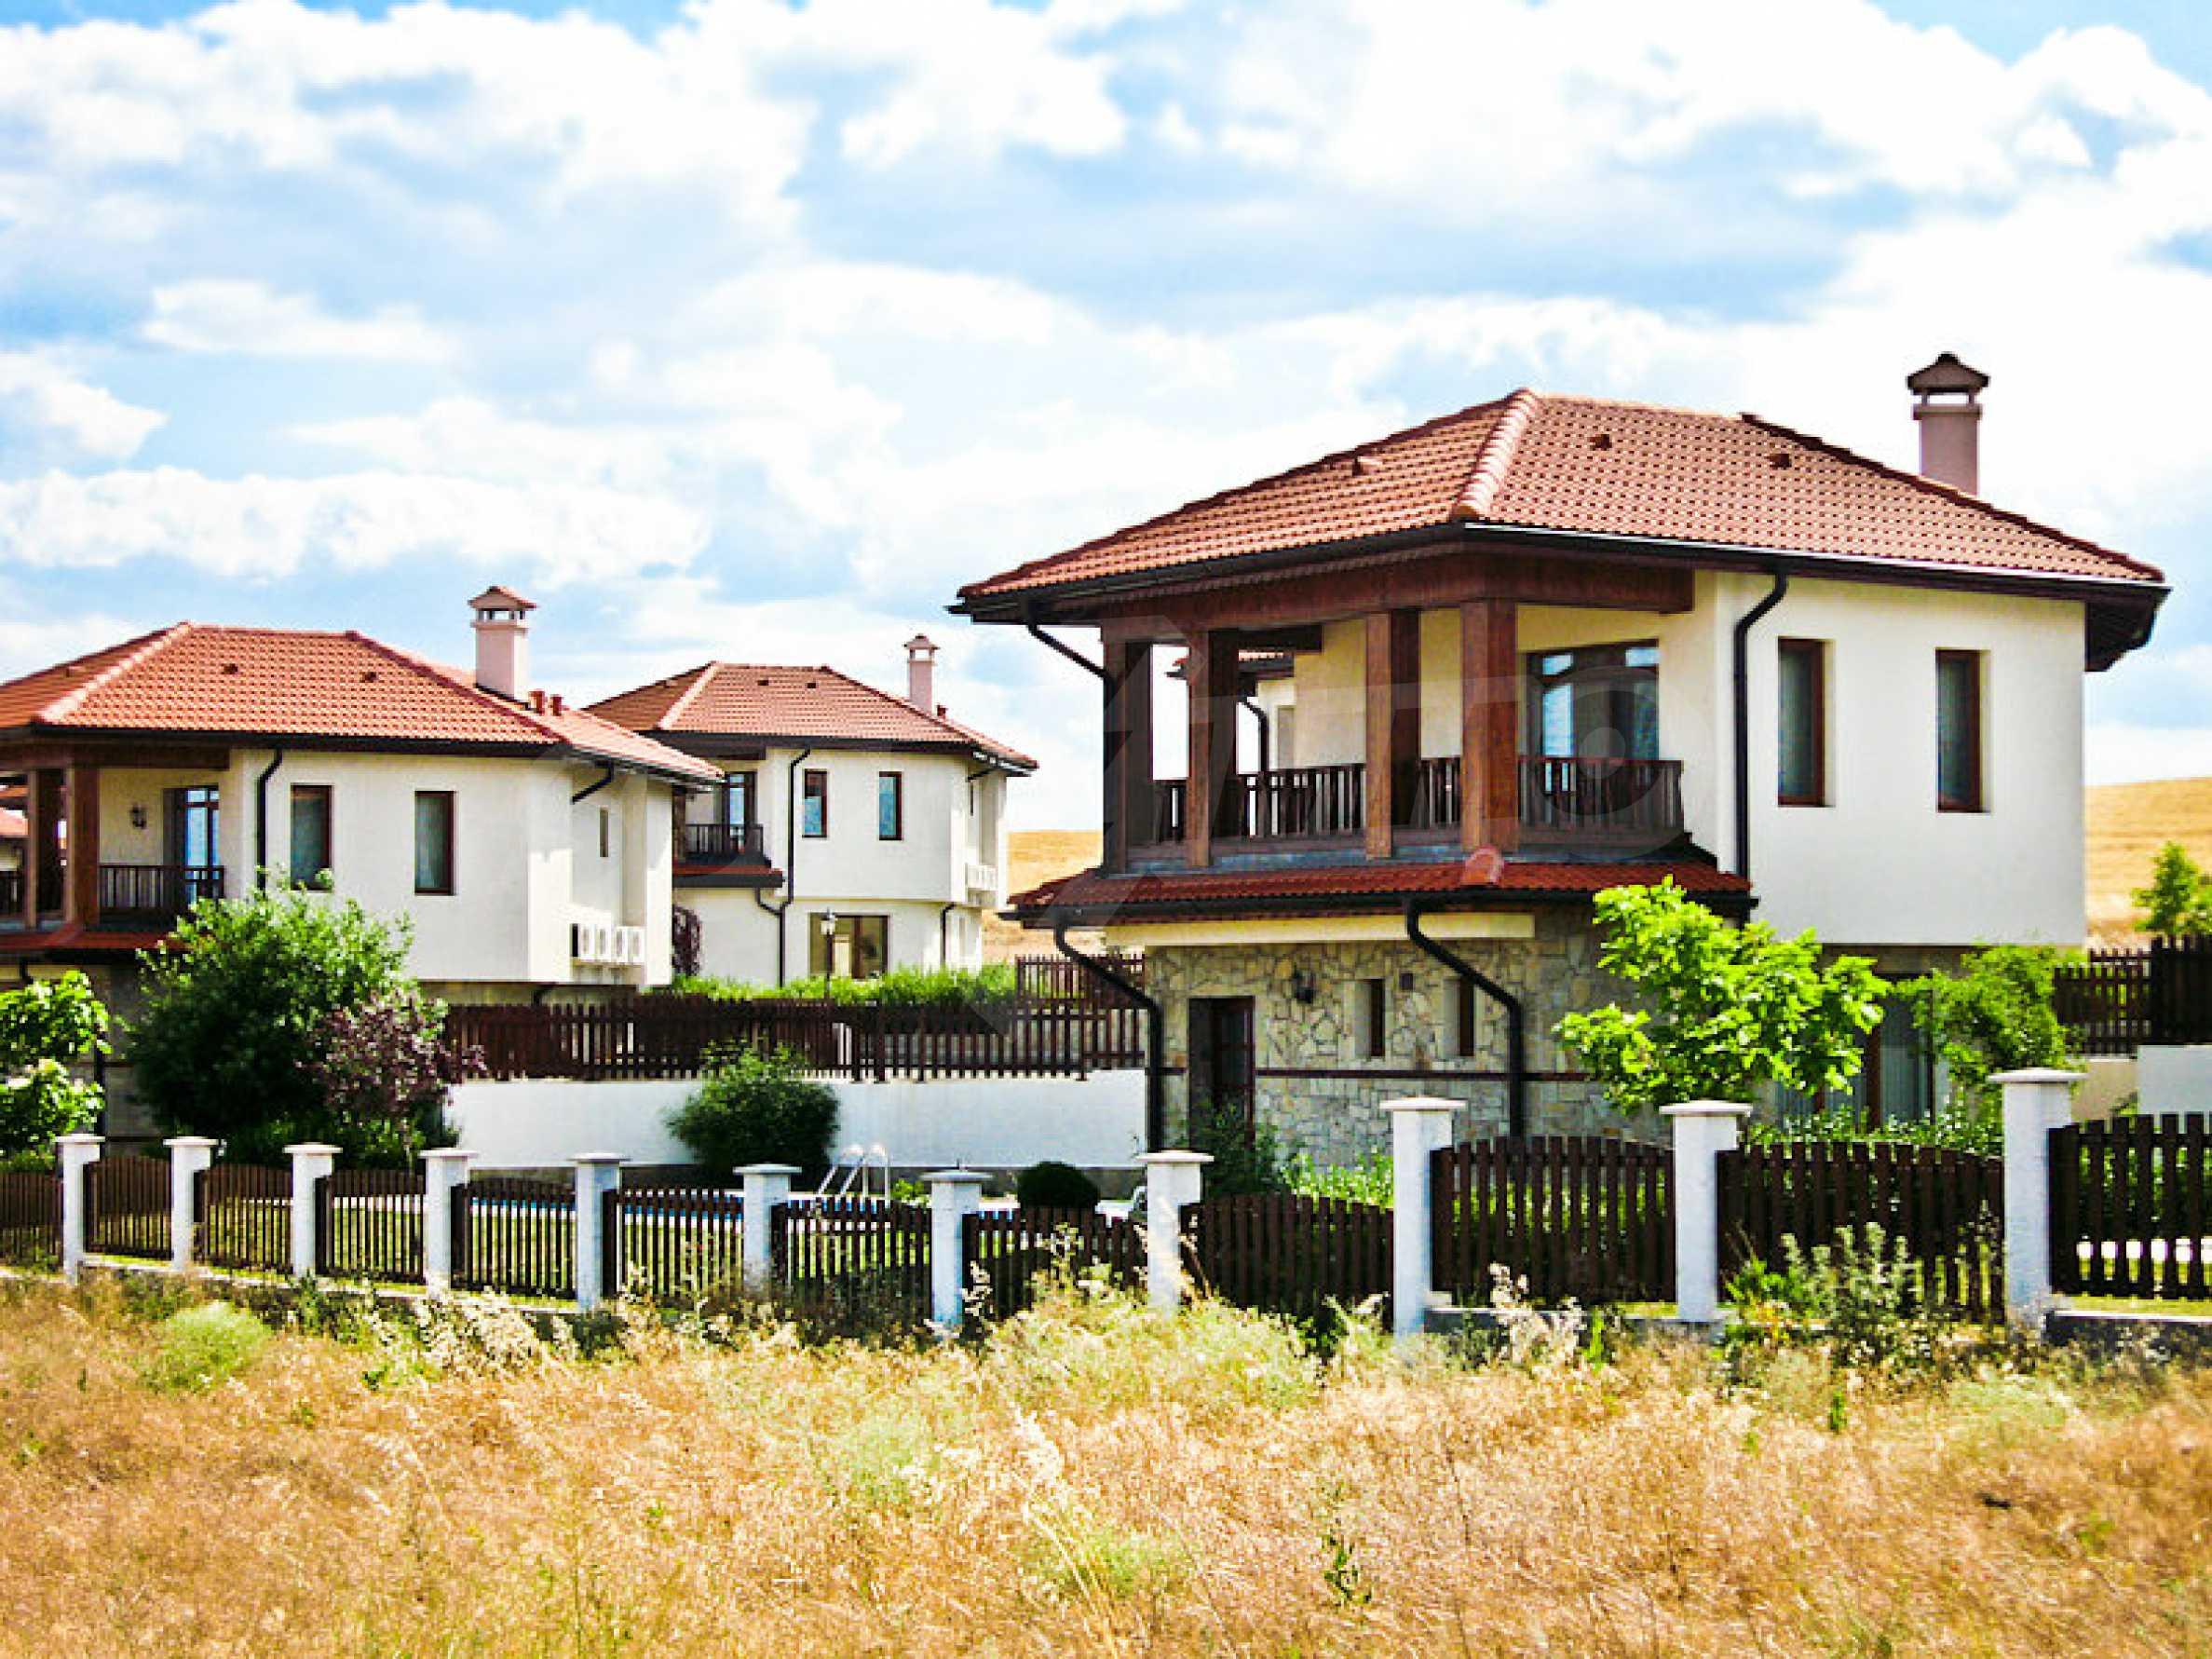 Reguliertes Grundstück 3 km vom Schwarzen Meer entfernt 1